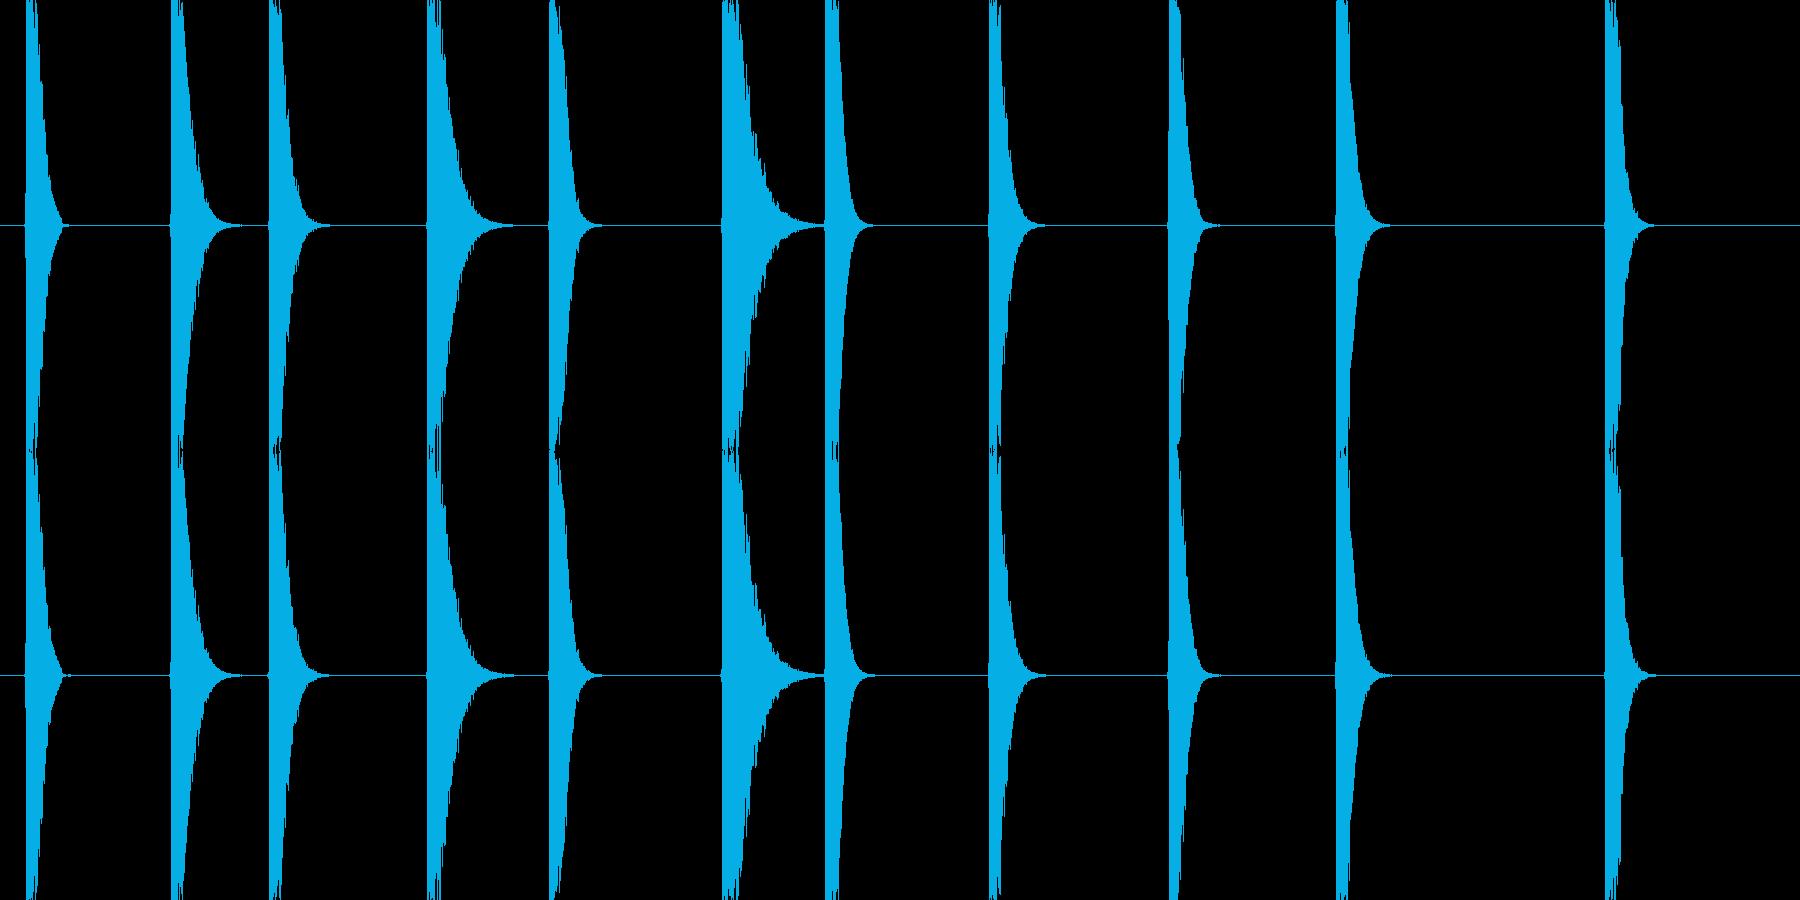 金属と金属がぶつかる音(西洋剣を想定)…の再生済みの波形